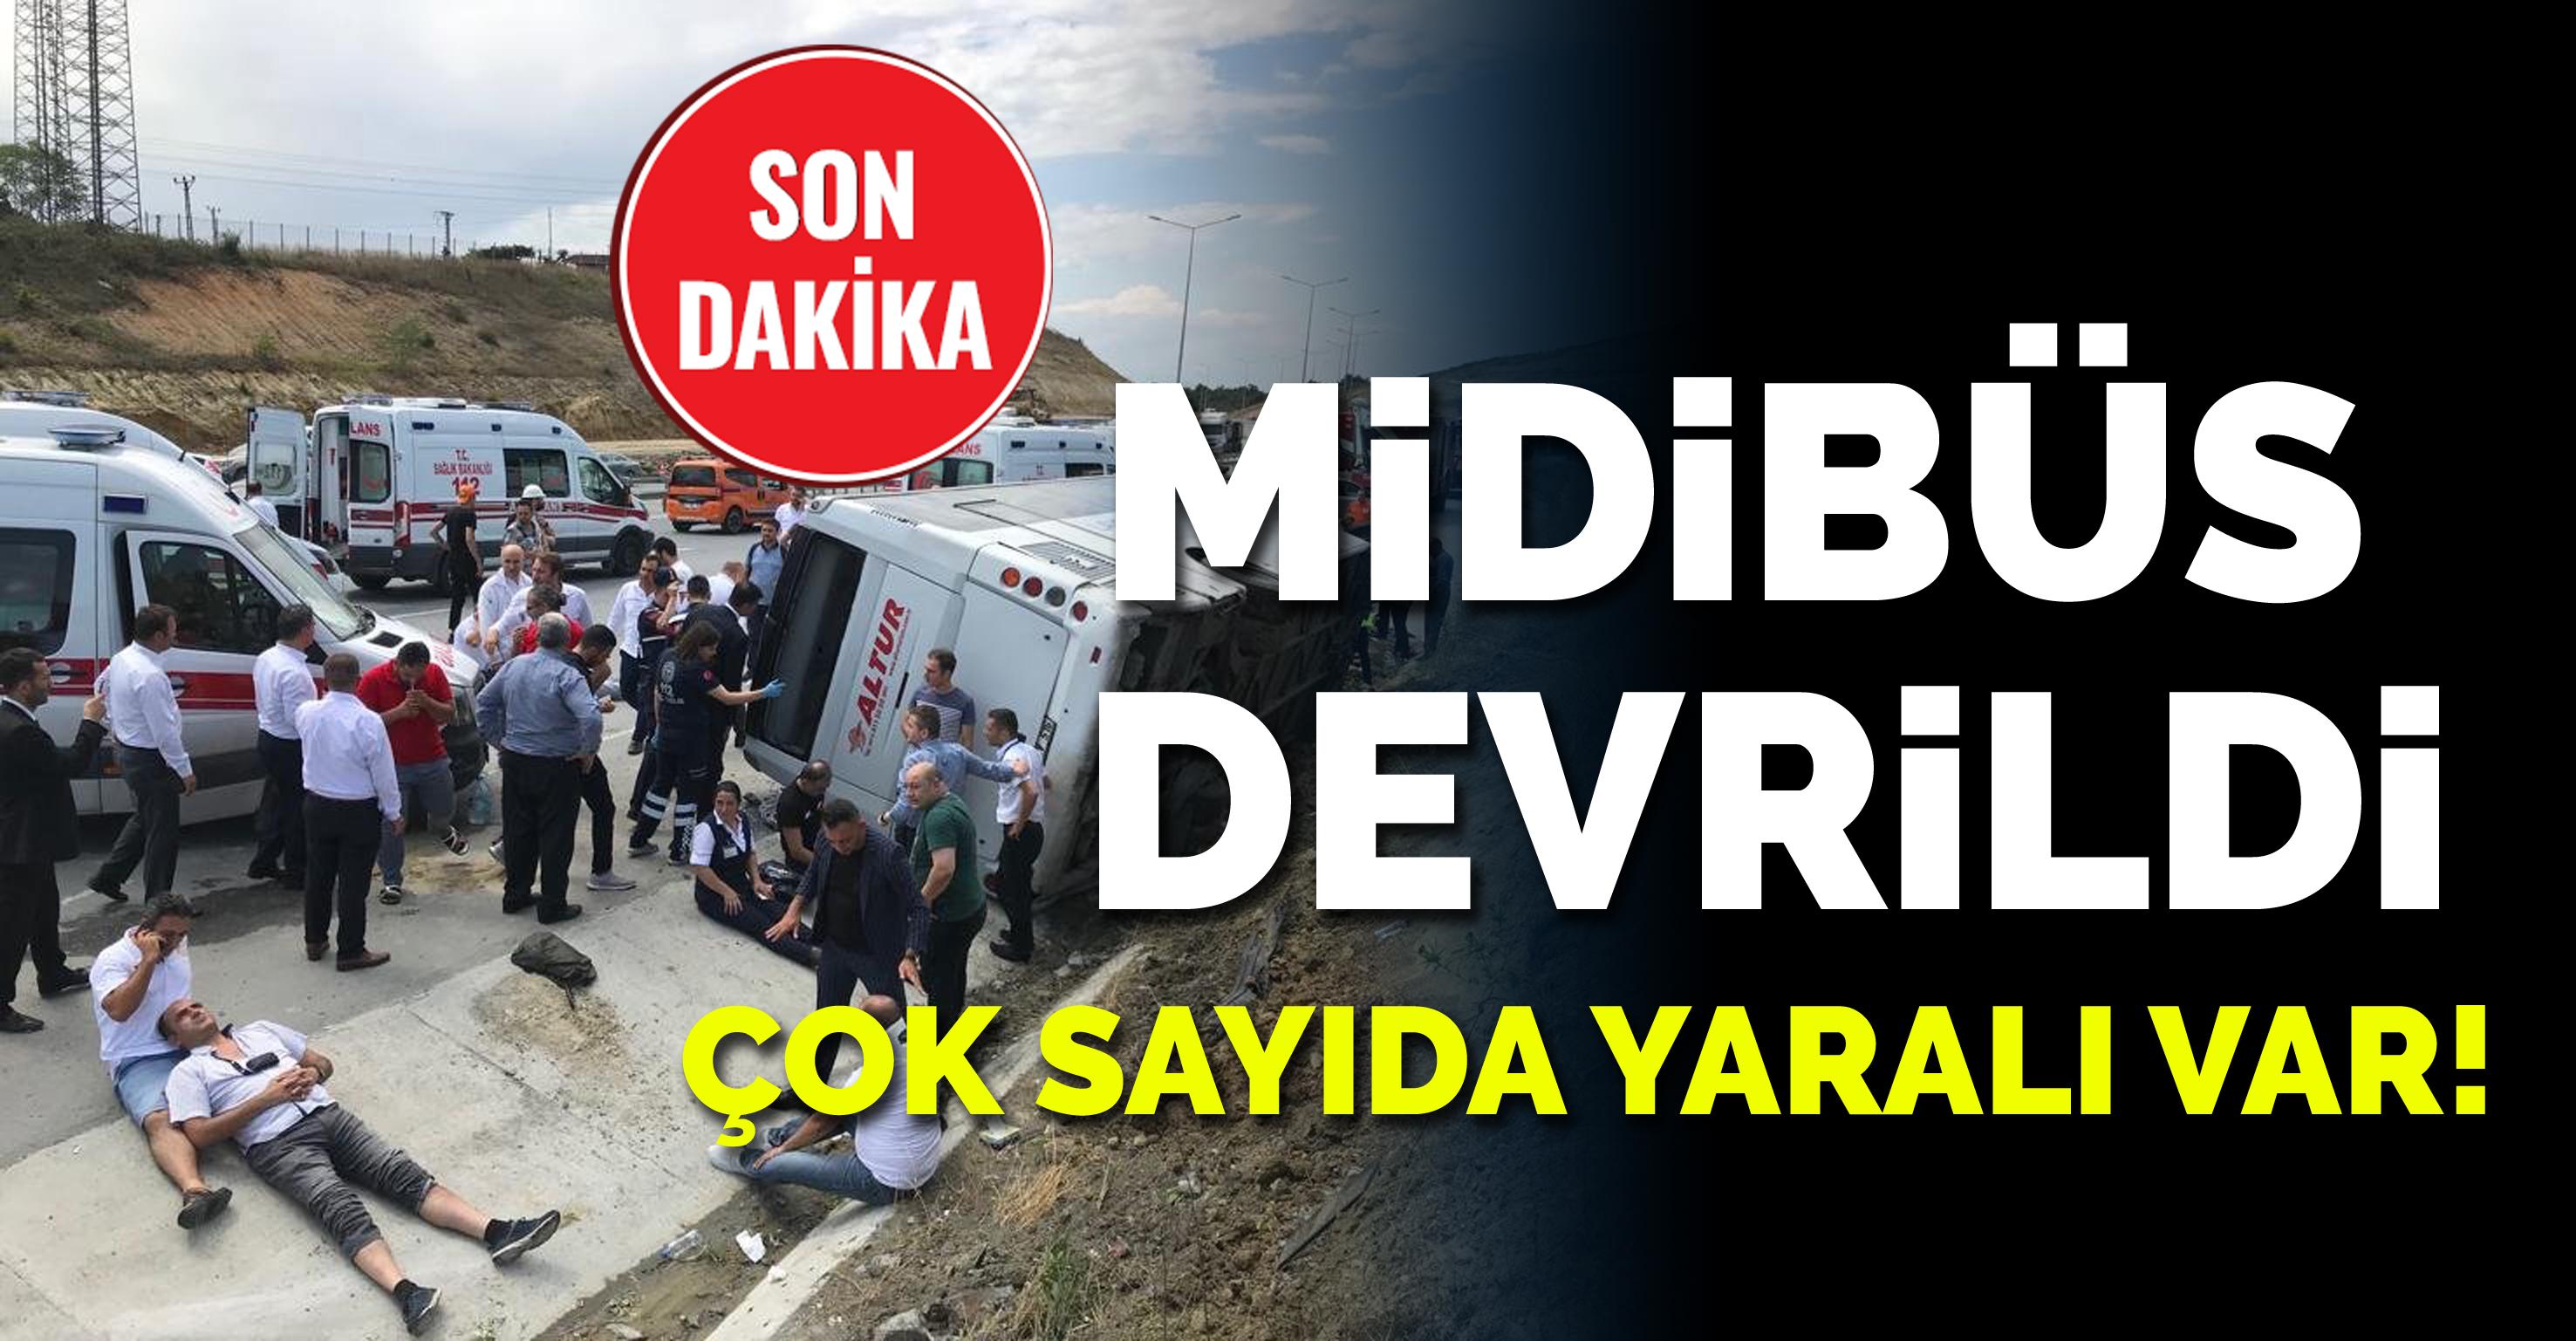 Kuzey Marmara Otoyolu'nda midibüsü devrildi: Çok sayıda yaralı var